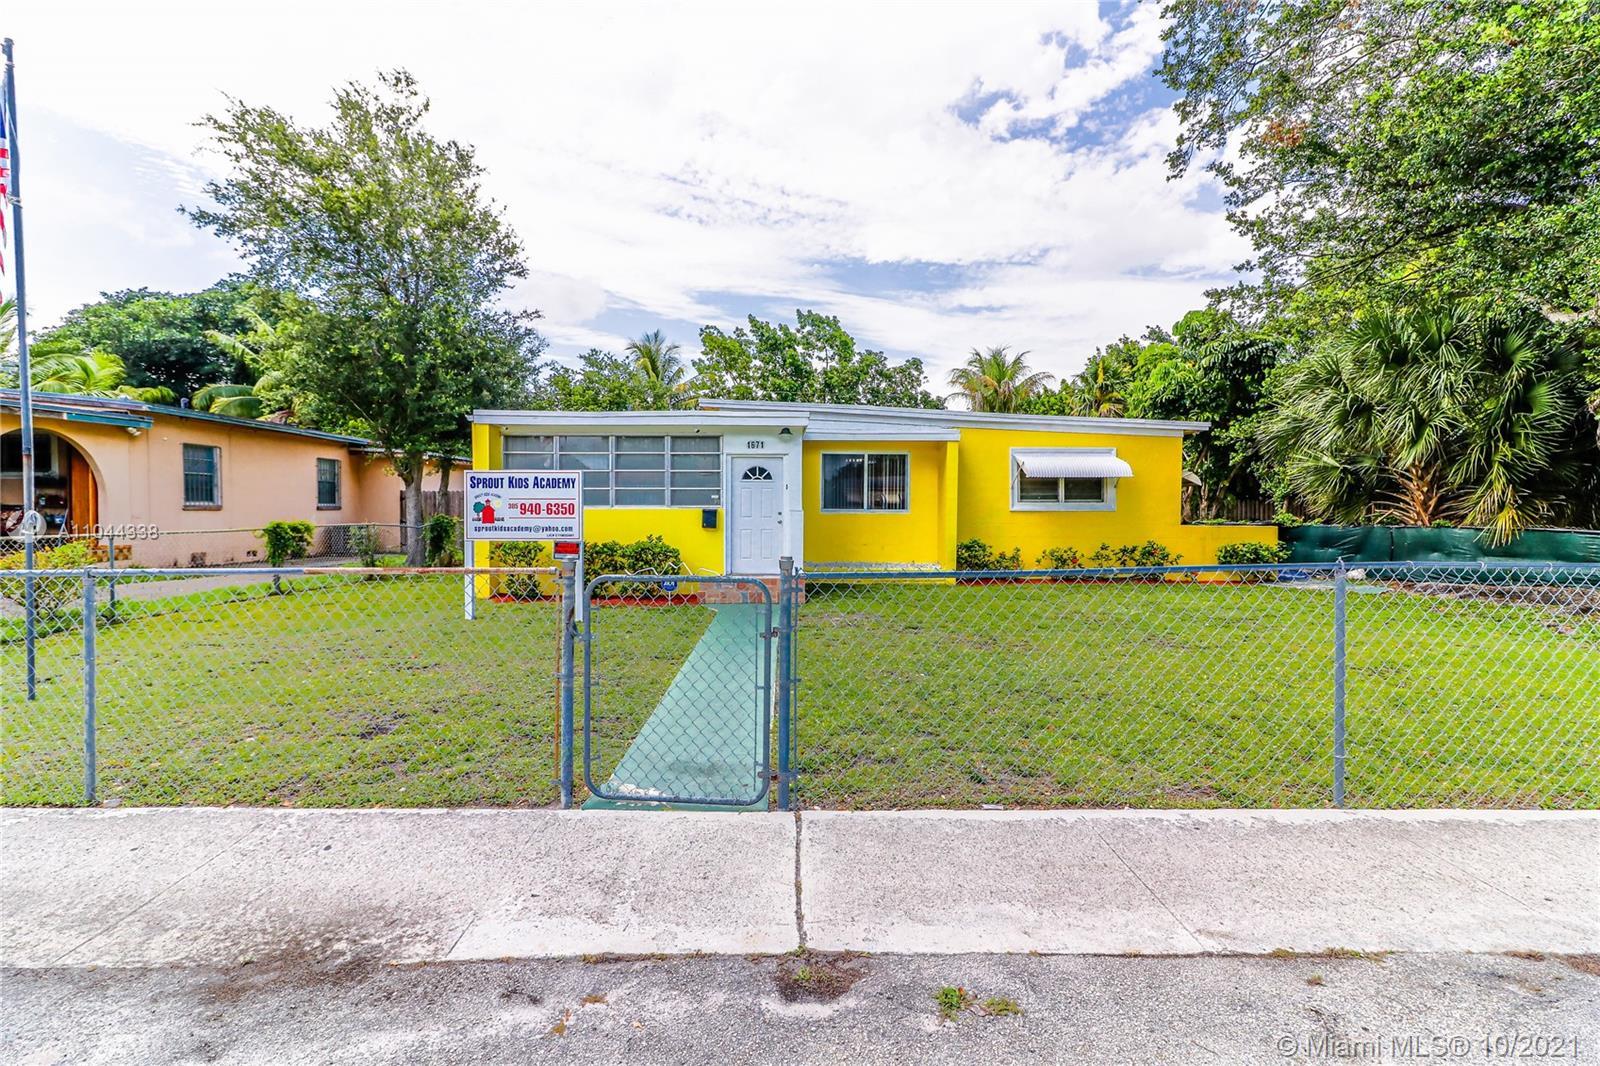 North Miami Beach - 1671 NE 161st St, North Miami Beach, FL 33162